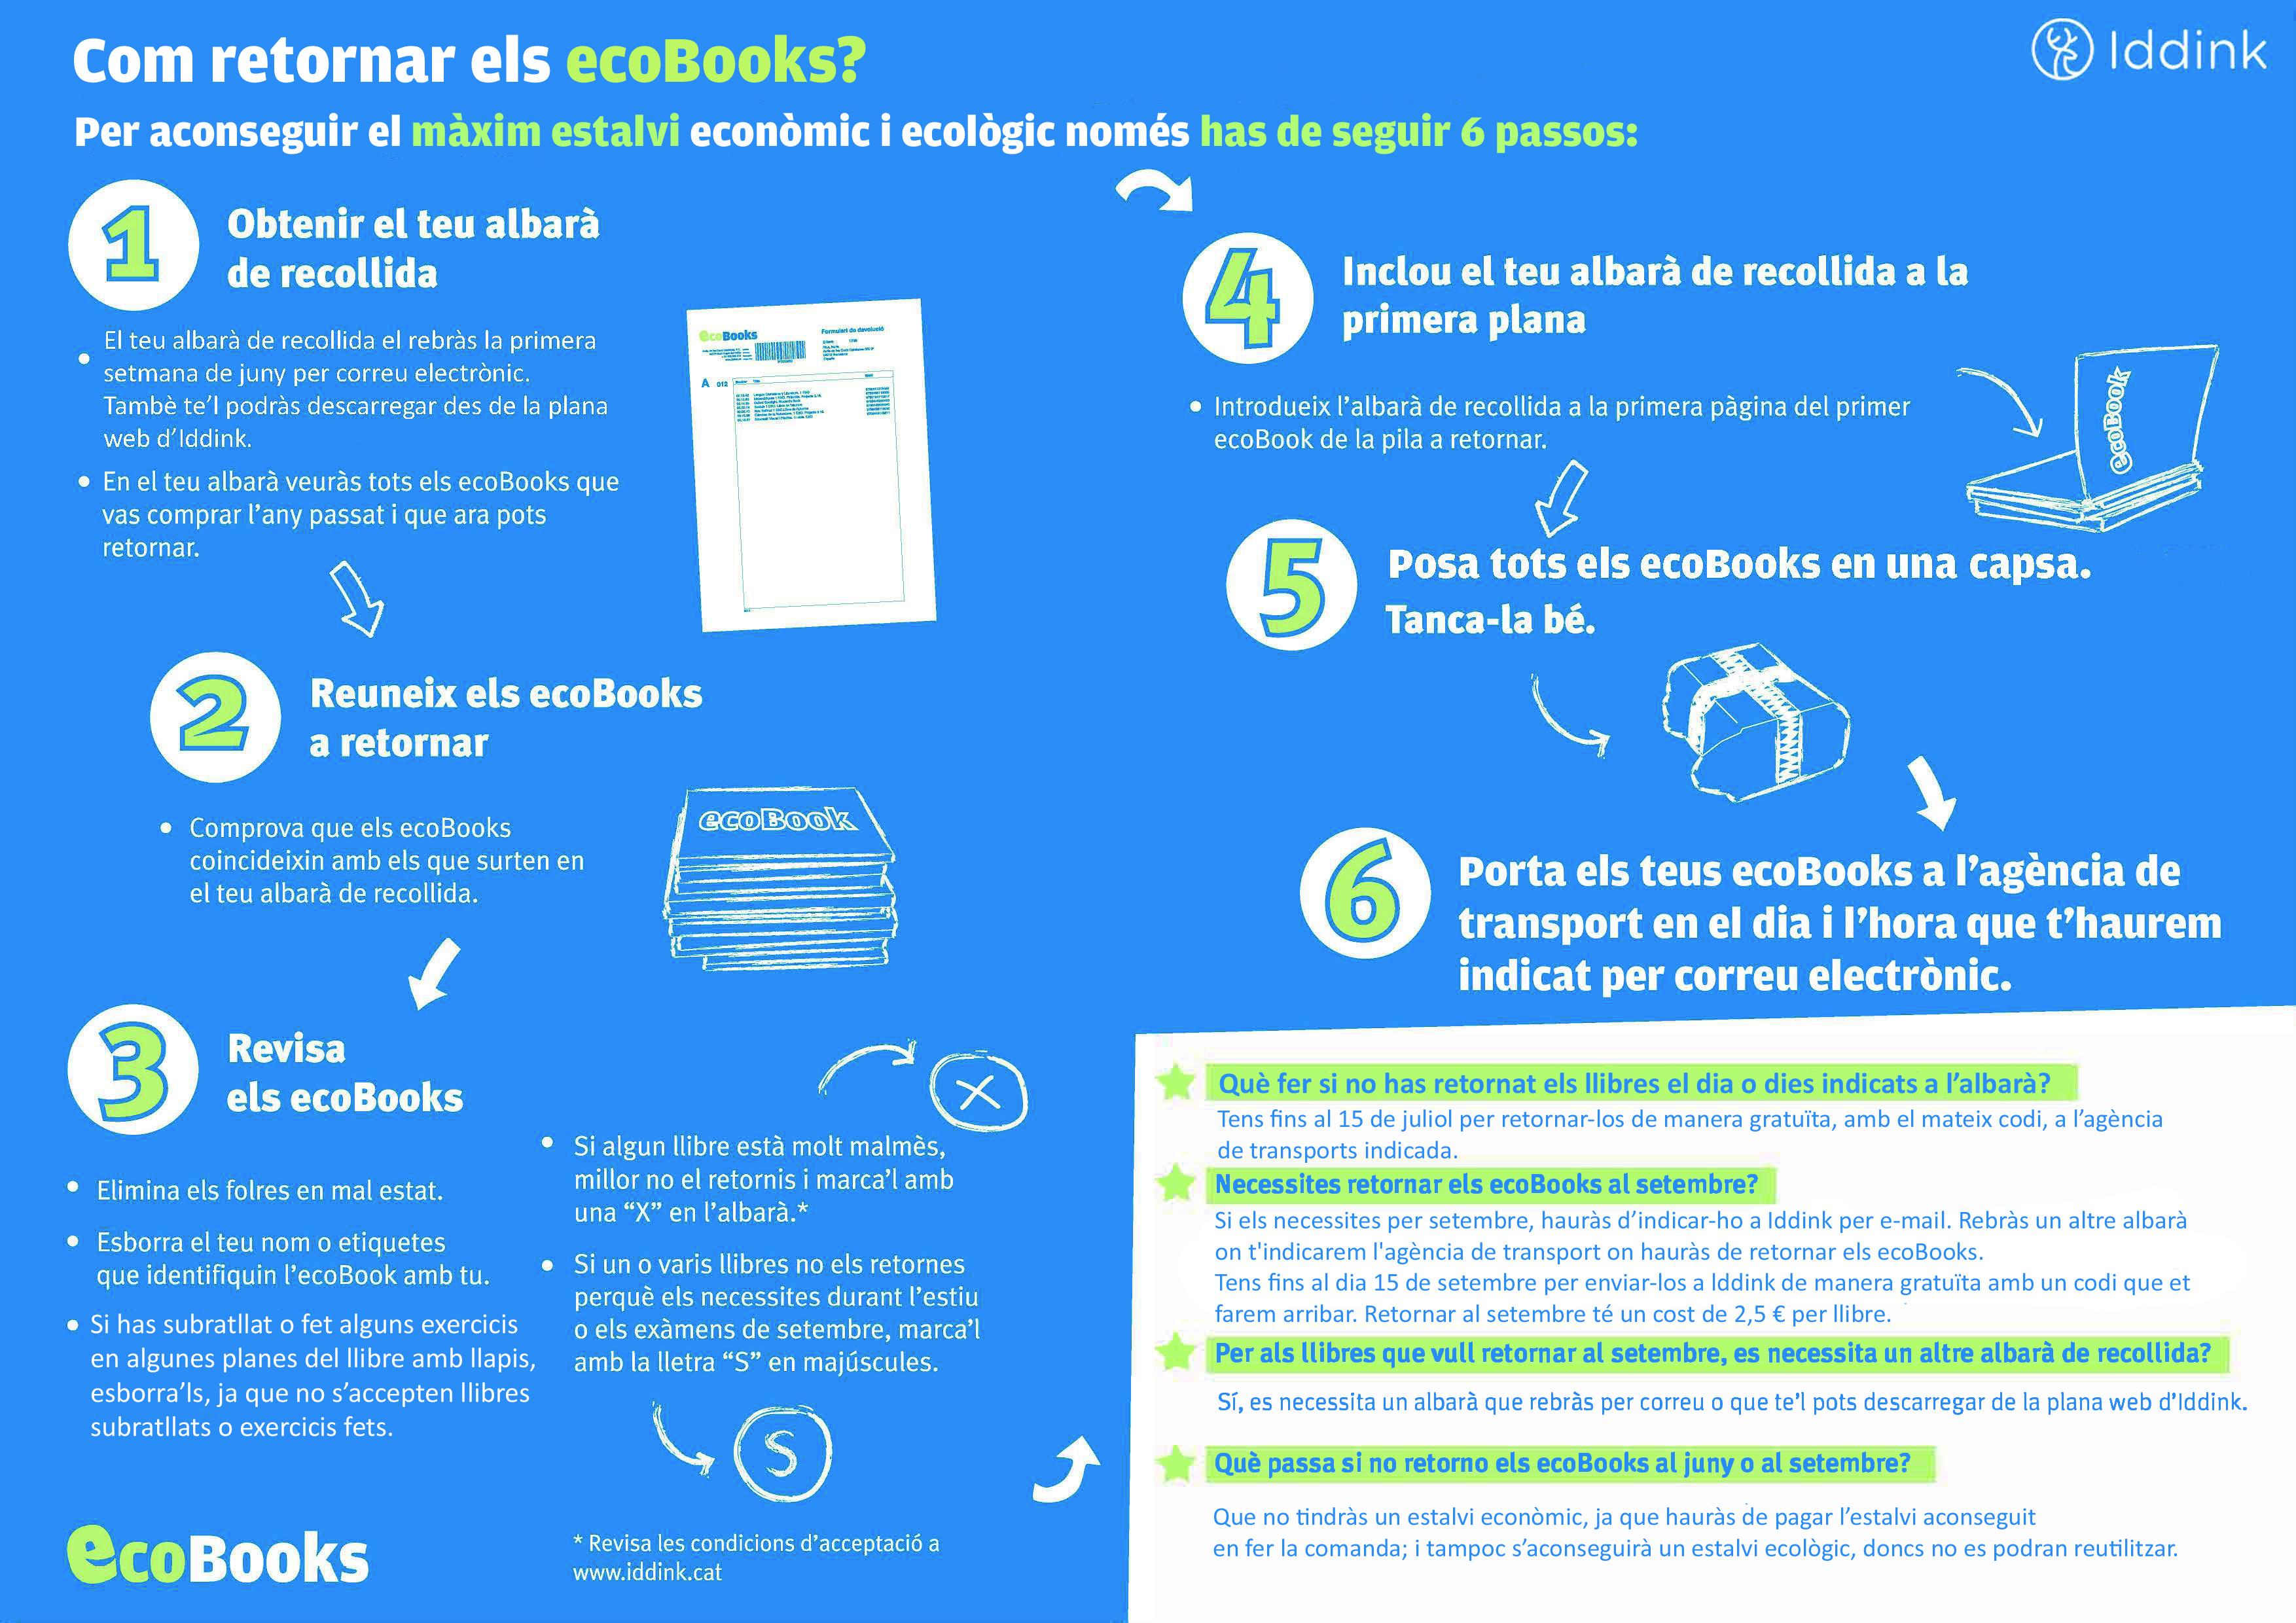 Com_retorrnar_ecoBooks_2020